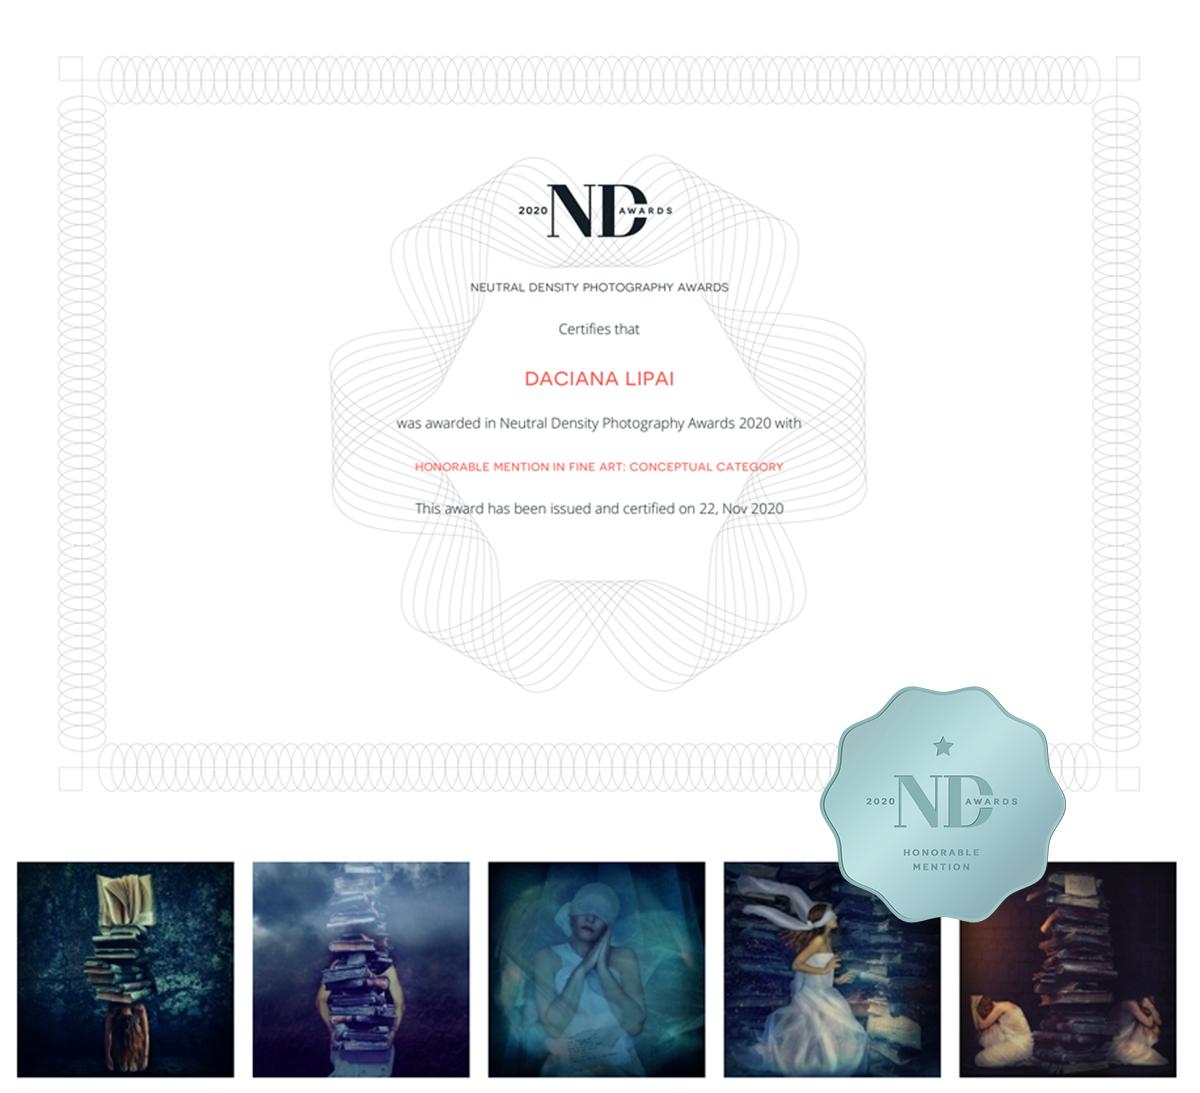 Daciana Lipai Isolation ND Awards